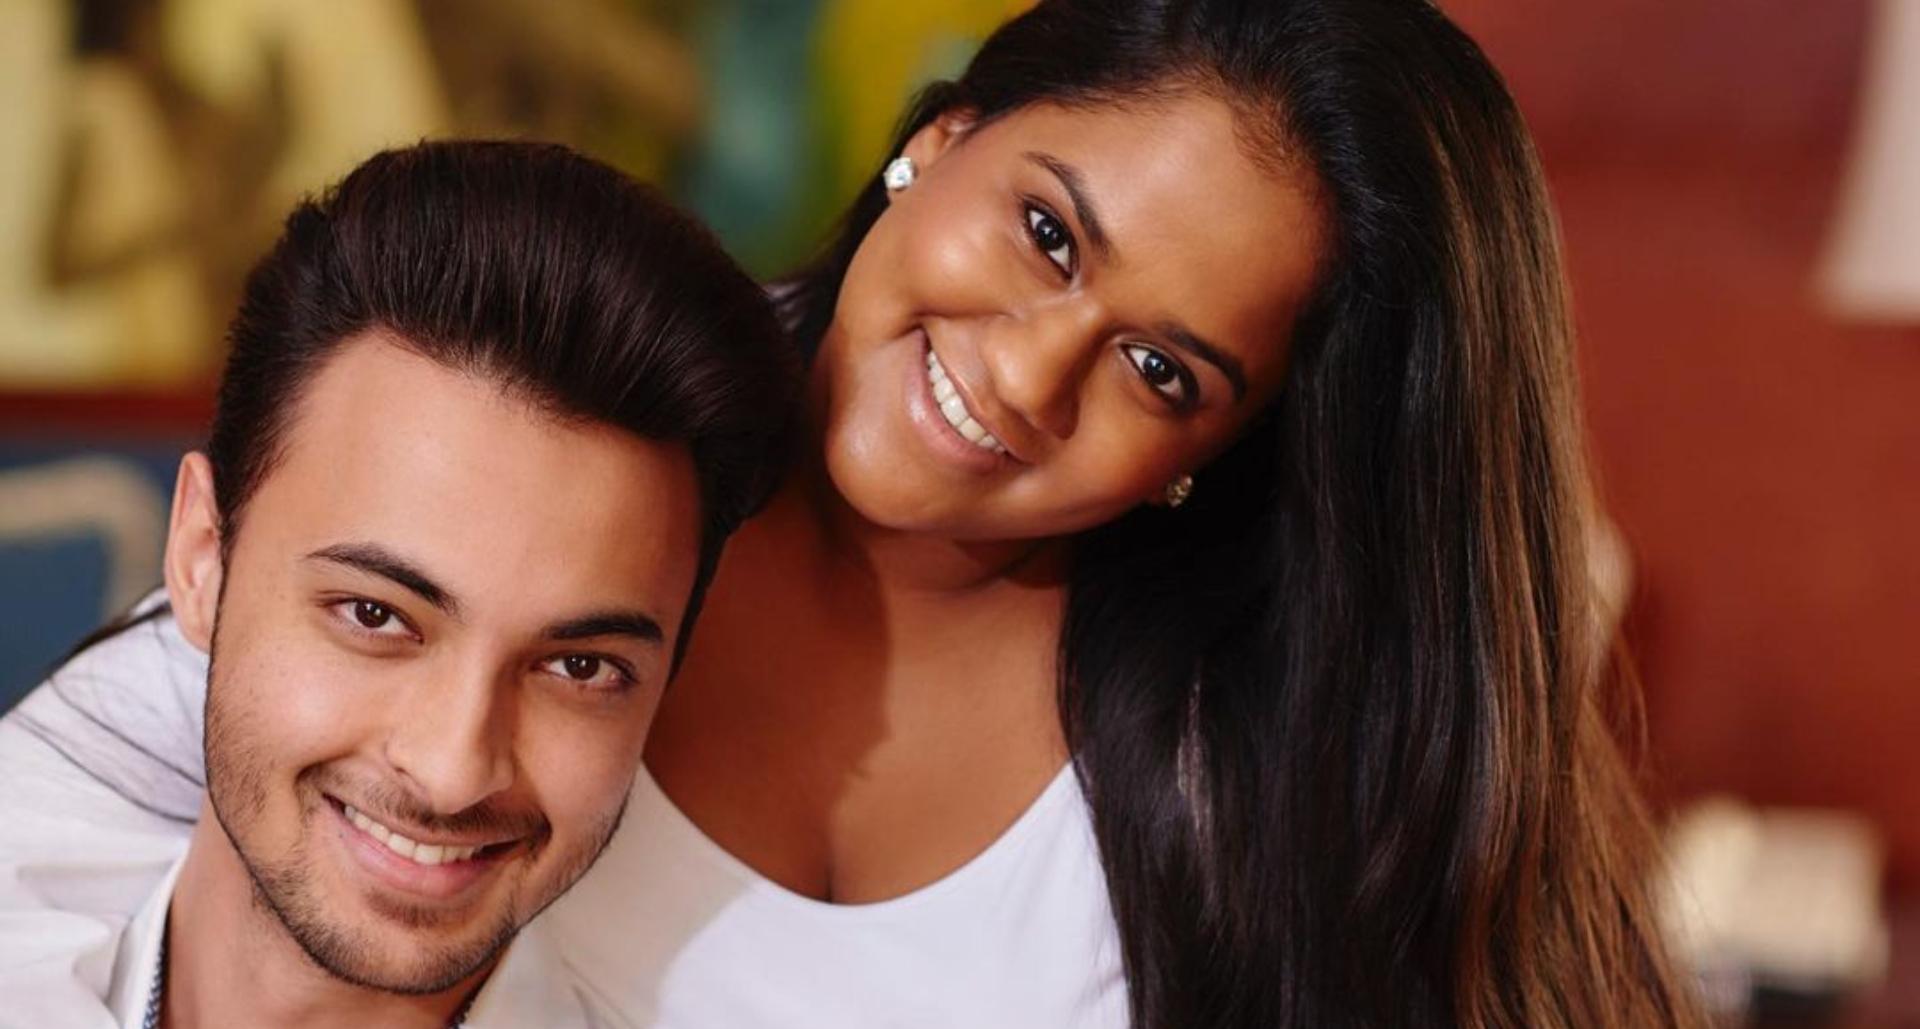 आयुष शर्मा और अर्पिता के शादी को पूरे हुए छह साल, पहली बार दूर रहकर मनायेंगे एनिवर्सरी!